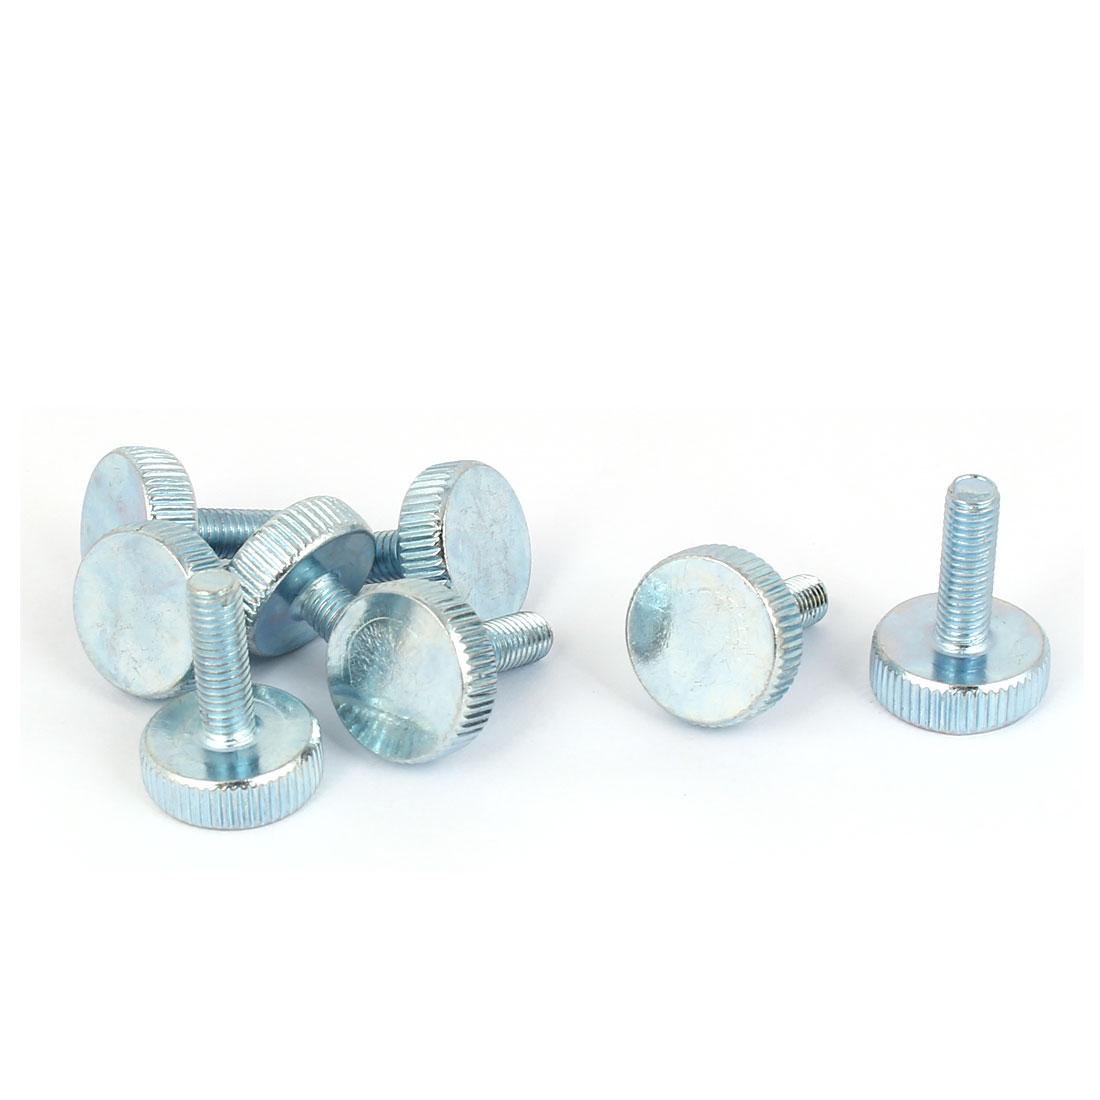 M5x16mm Thread Carbon Steel Knurled Round Head Thumb Screws Silver Blue 8pcs